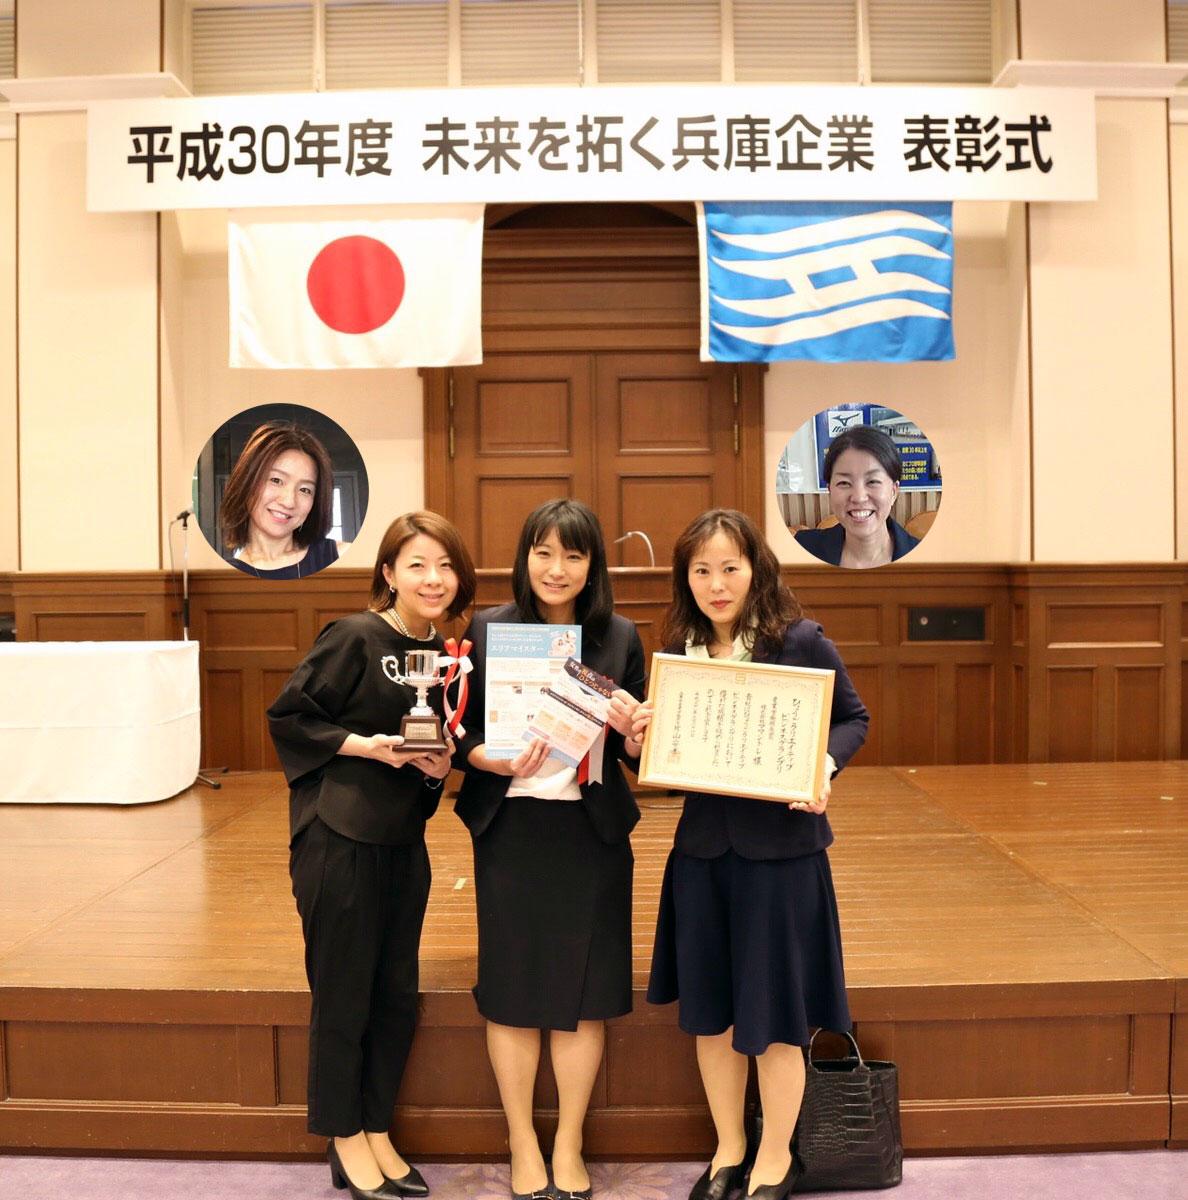 ひょうごクリエイティブビジネスグランプリ2019で産業労働部長賞を受賞しました!